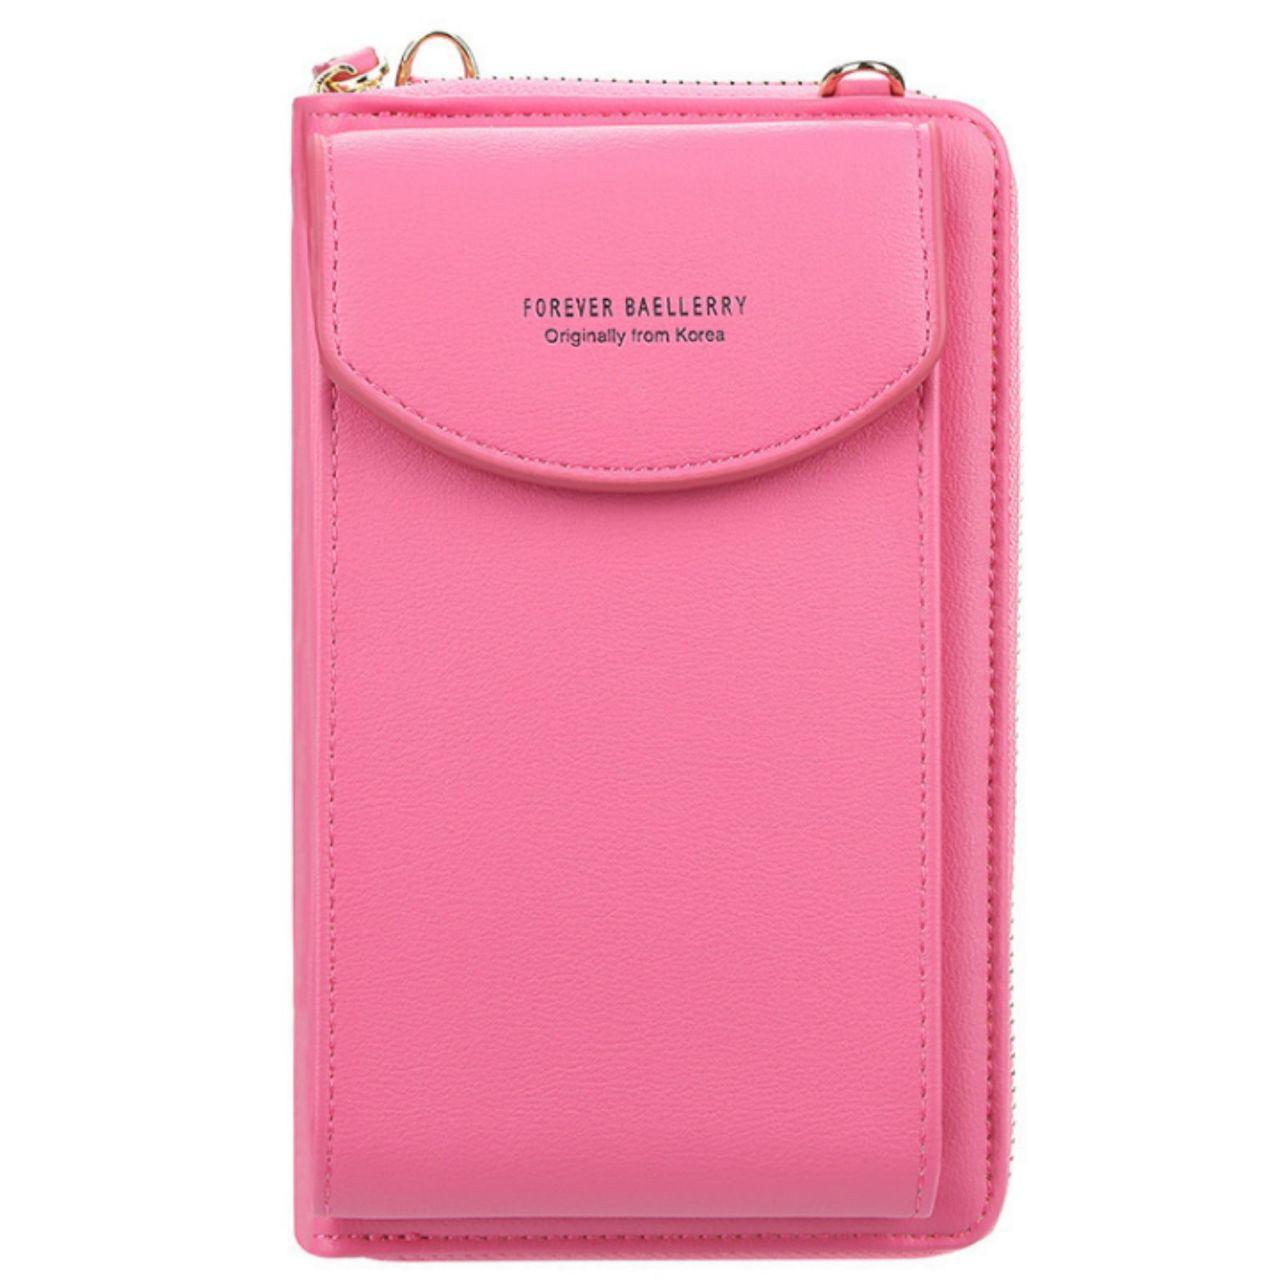 Сумка для телефона Baellerry forever через плечо Малиновый, сумка кошелёк